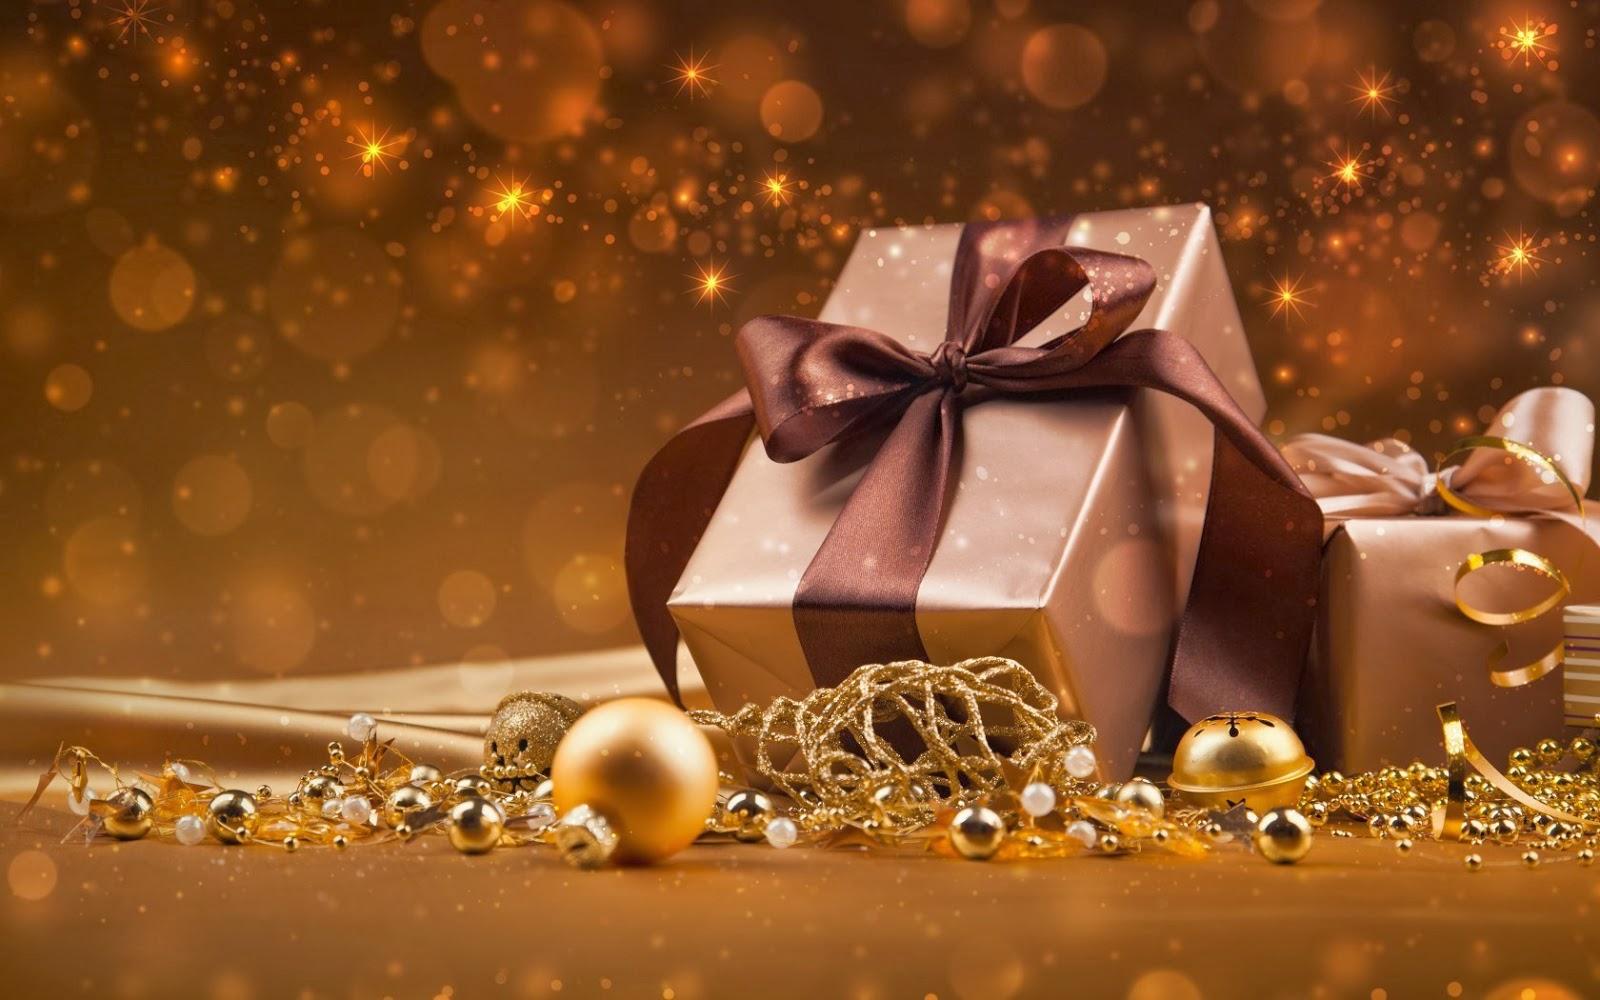 Hd Desktop Wallpaper Christmas Gifts 3d Wallpaper